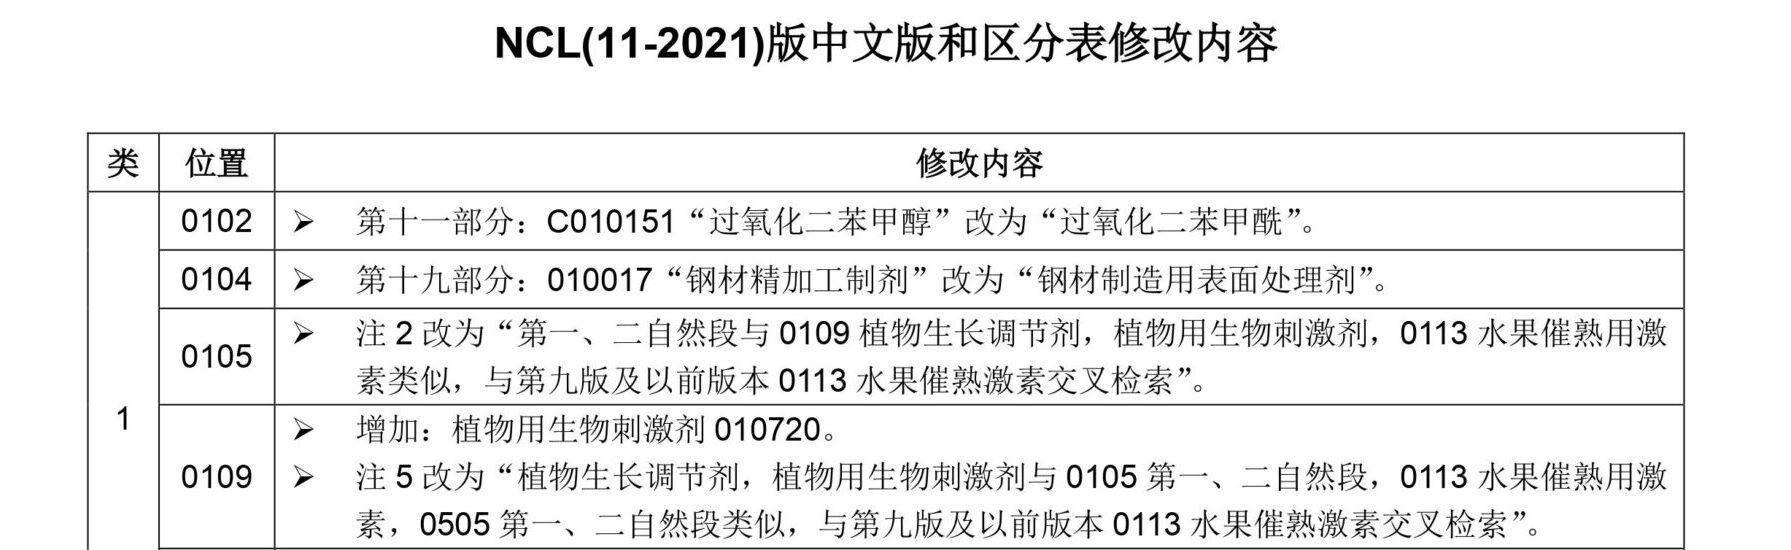 """[知产晨讯]12月30日:明年1月1日启用尼斯分类第十一版;骗局,收到""""线上商标续费通知函""""千万当心;移动互联网时代,""""中华老字号""""如何实现创新与破局?"""